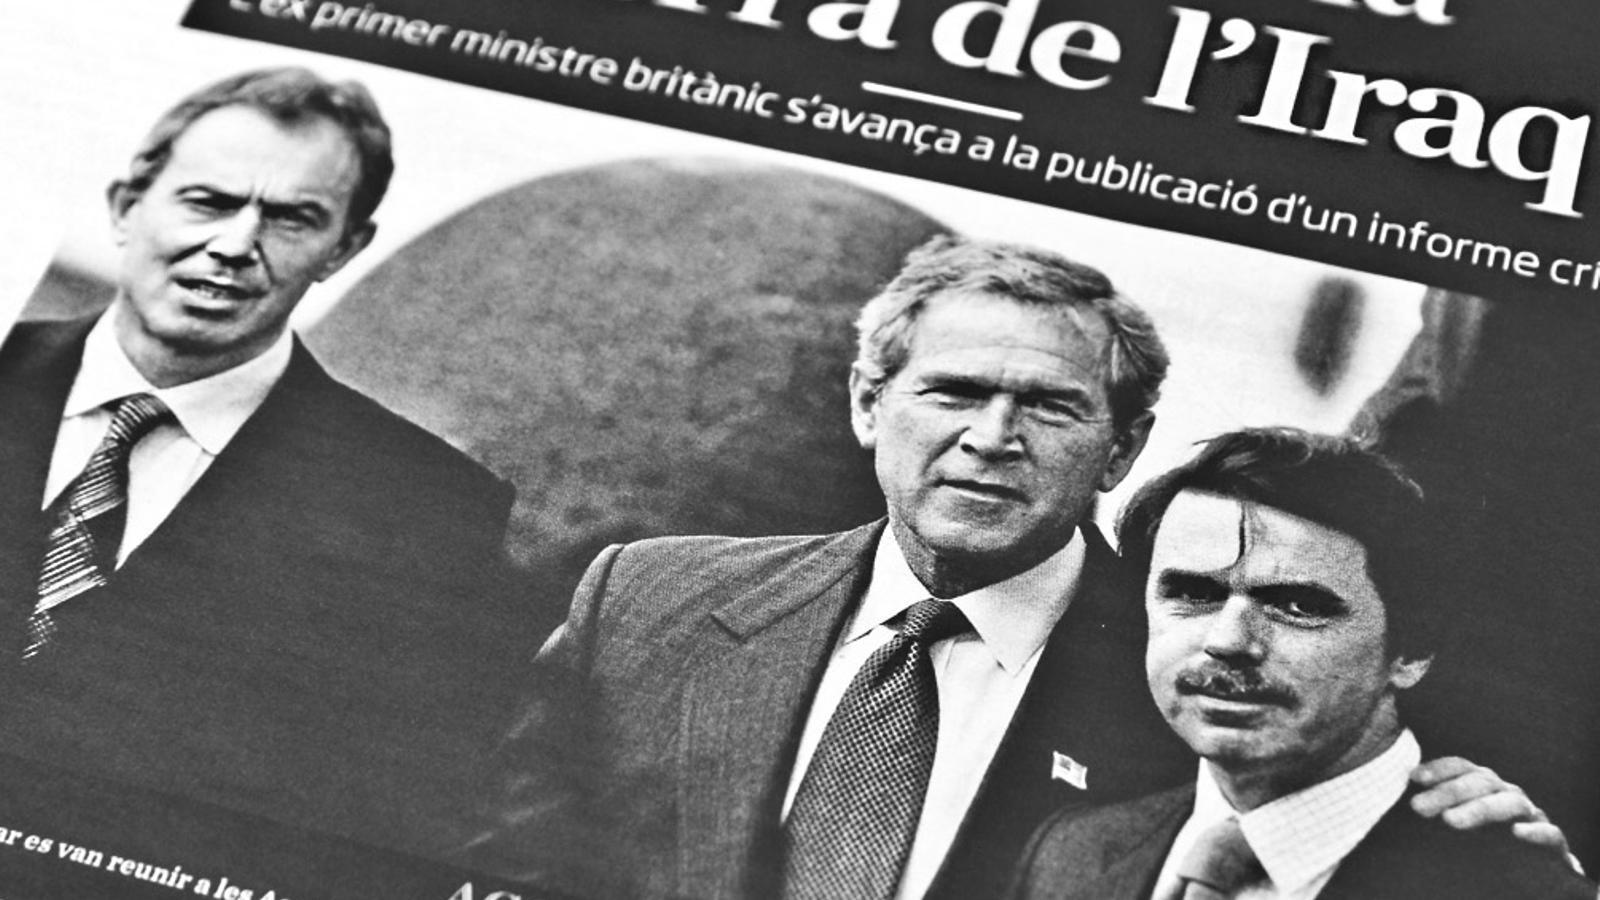 L'editorial d'Antoni Bassas: Lliçons, les justes